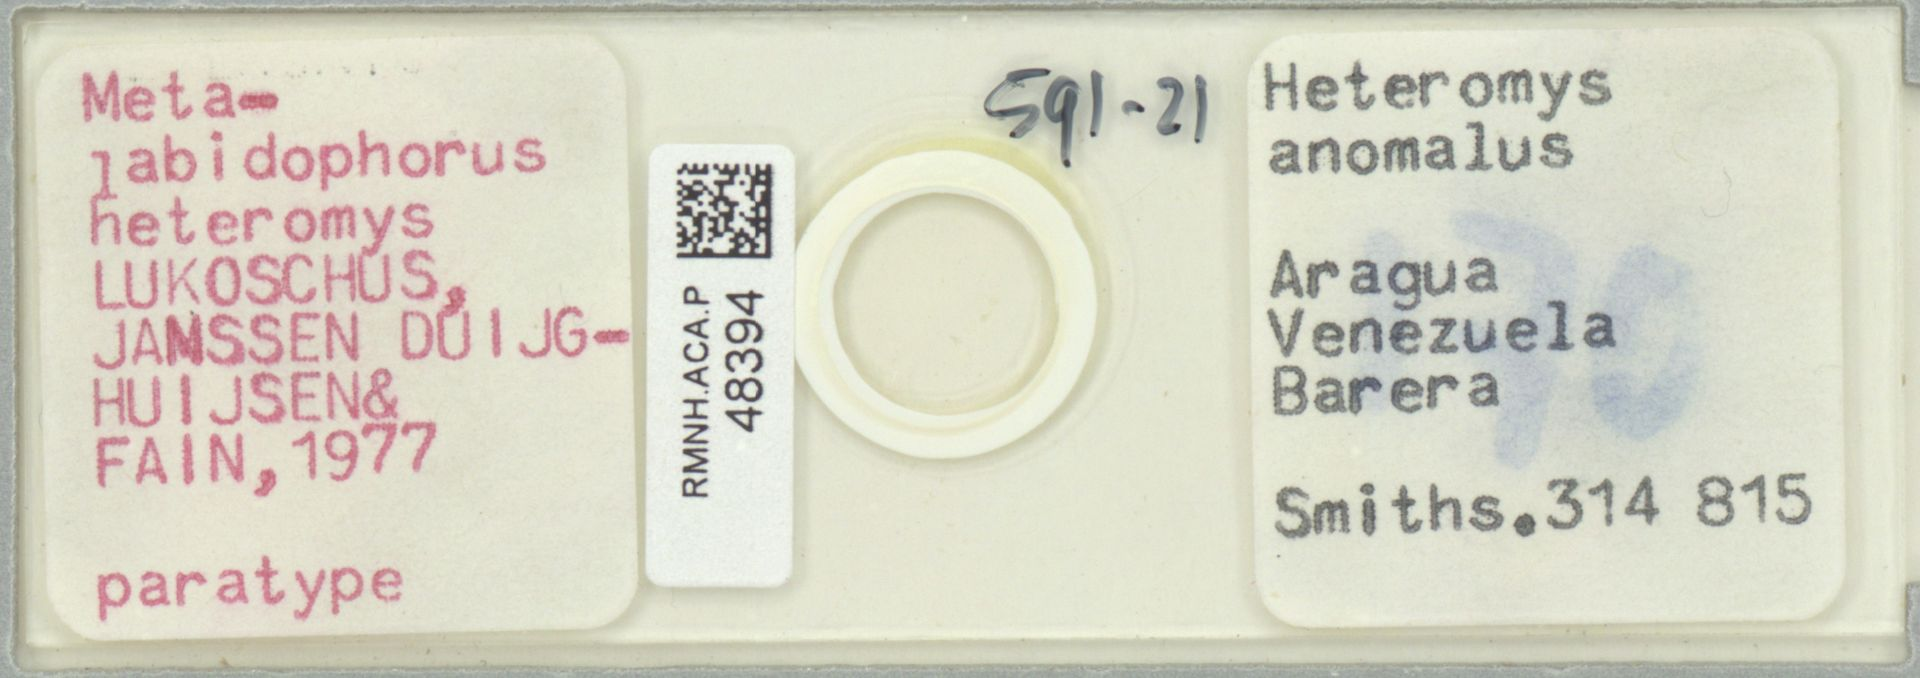 RMNH.ACA.P.48394 | Metalabidophorus heteromys Lukoschus, Janssen Duijghuisen & Fain, 1977